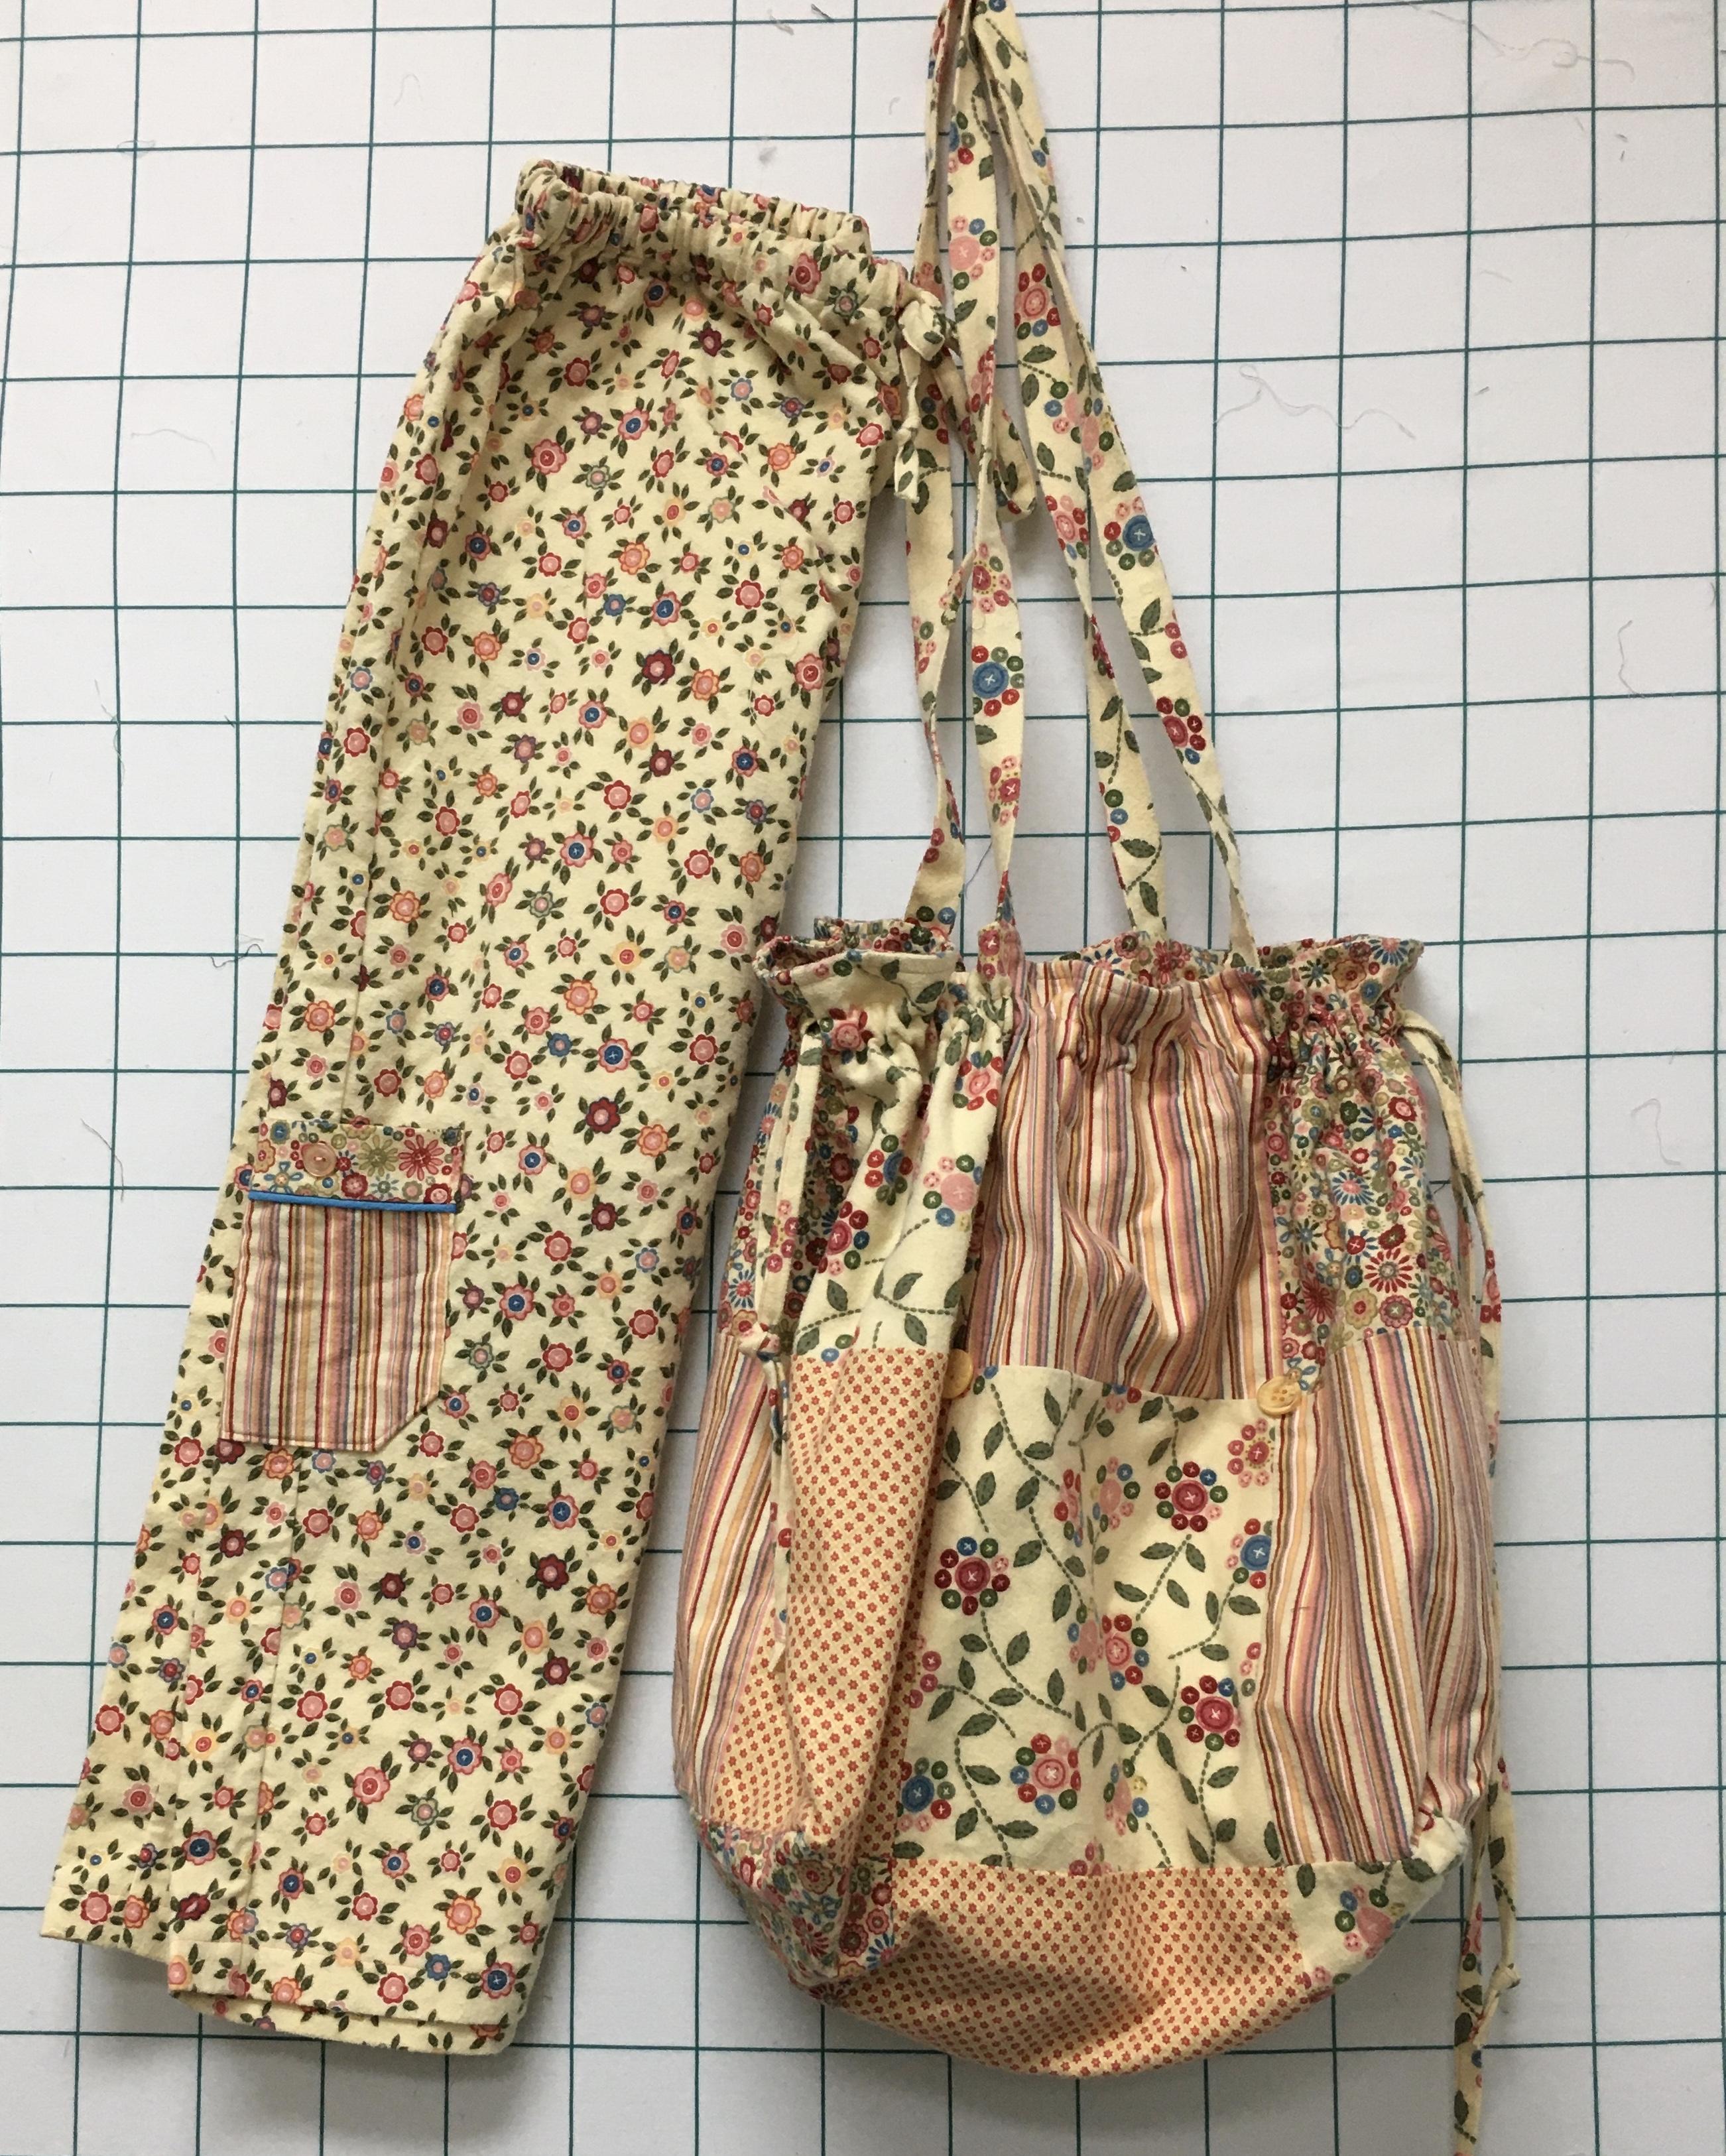 PJ pants and bag